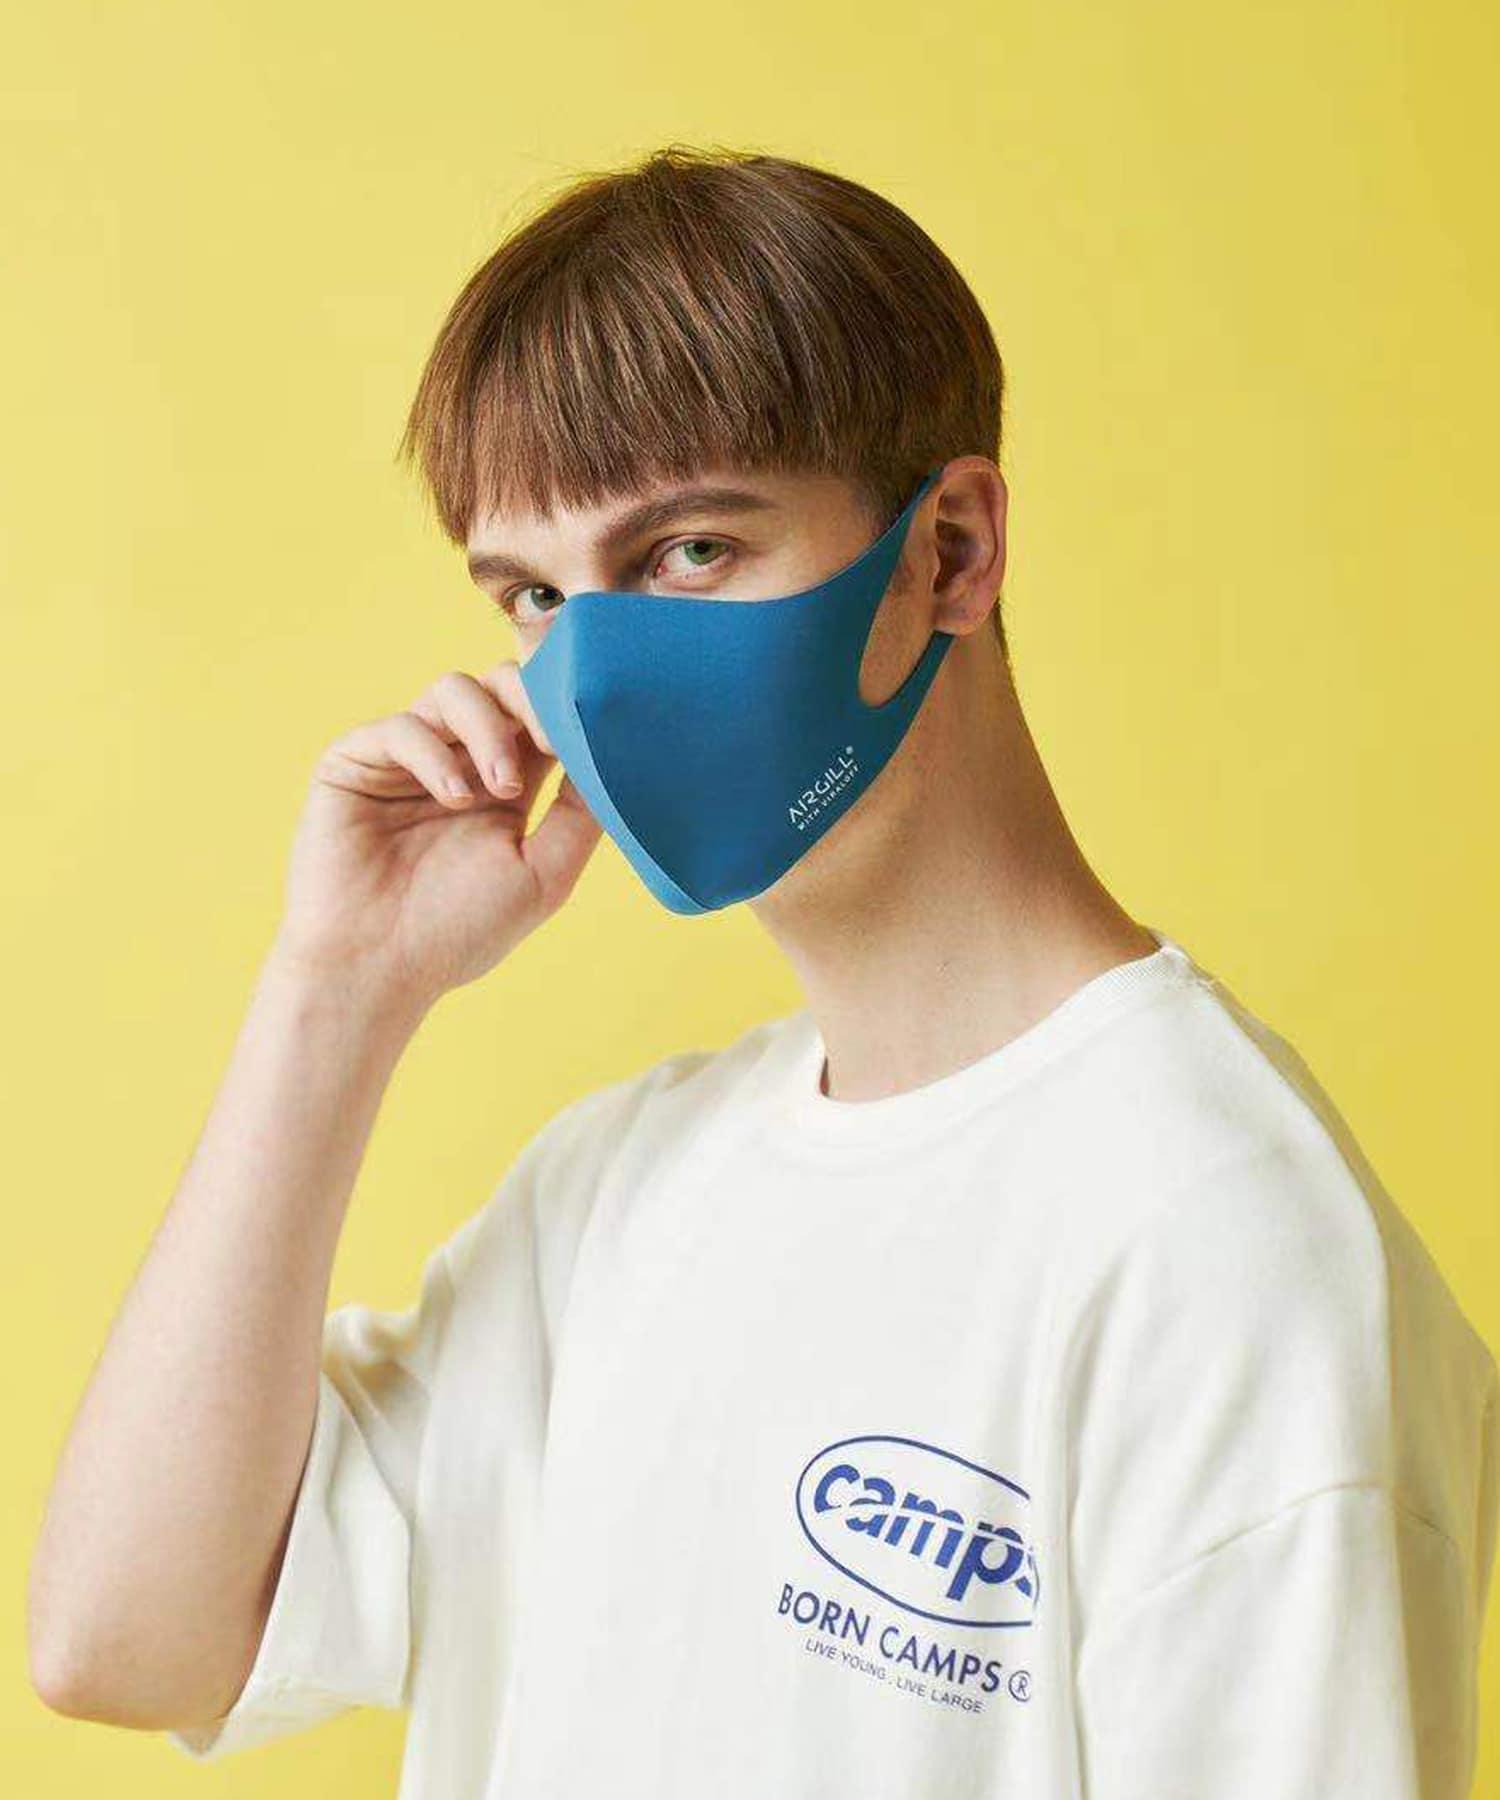 Daily russet(デイリー ラシット) レディース 【抗ウイルス・撥水・消臭・口臭予防】AIR GILLマスク ブルー